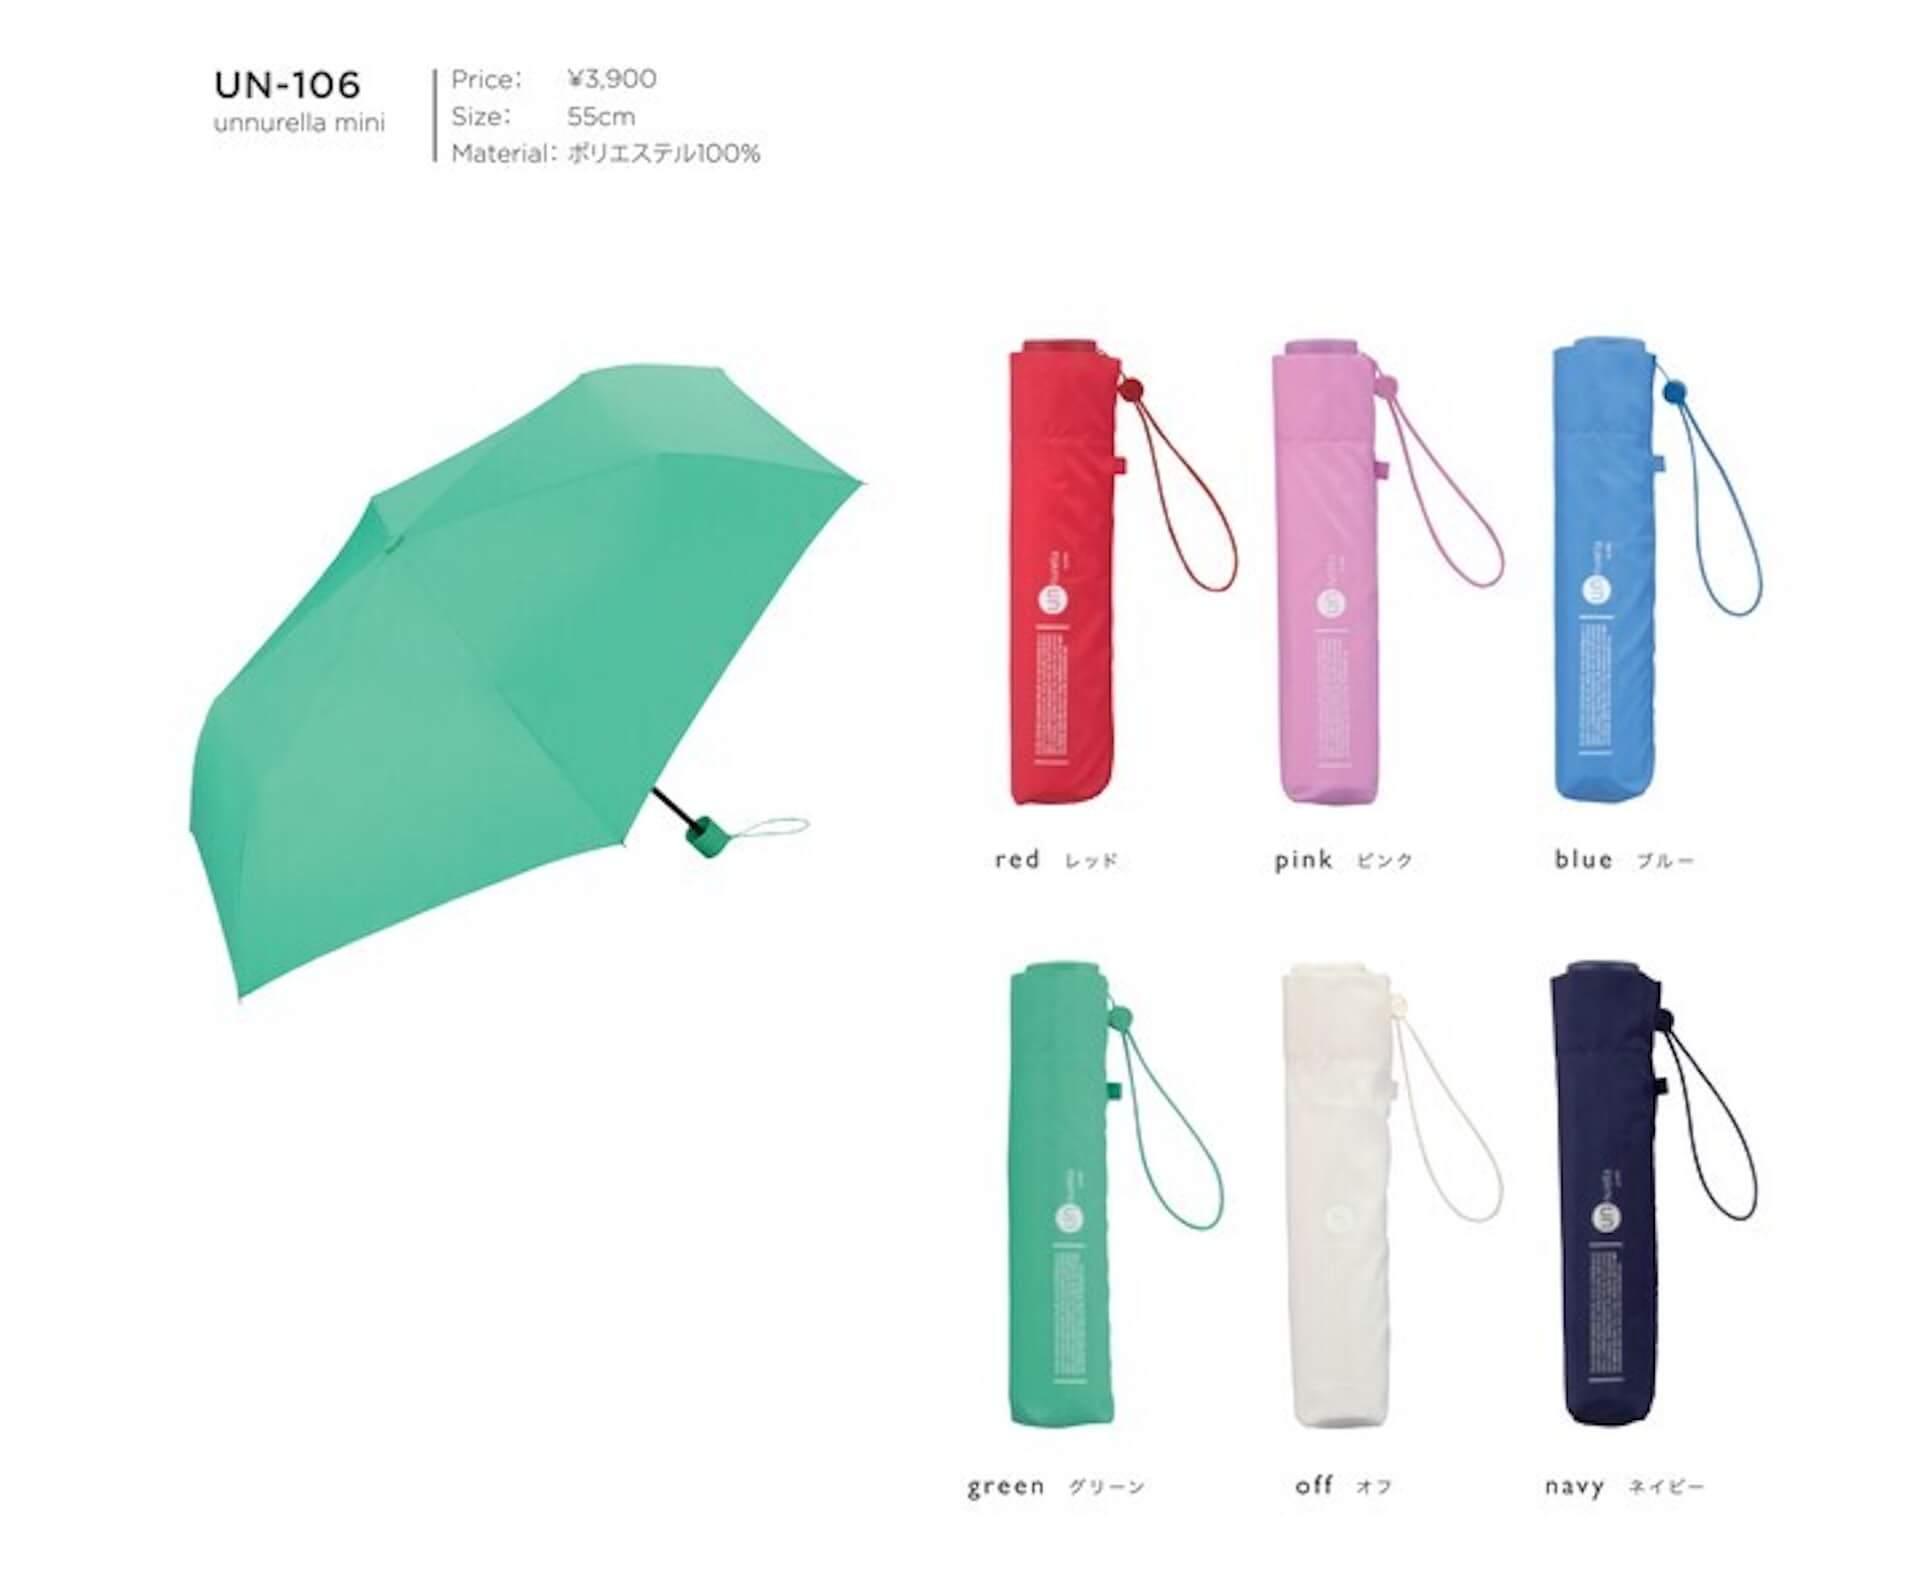 Wpc.(TM)から濡らさない傘『アンヌレラ』が登場!高いはっ水性・防水性で雨水が滴るのをガード lf200622_unnurella_wpc_06